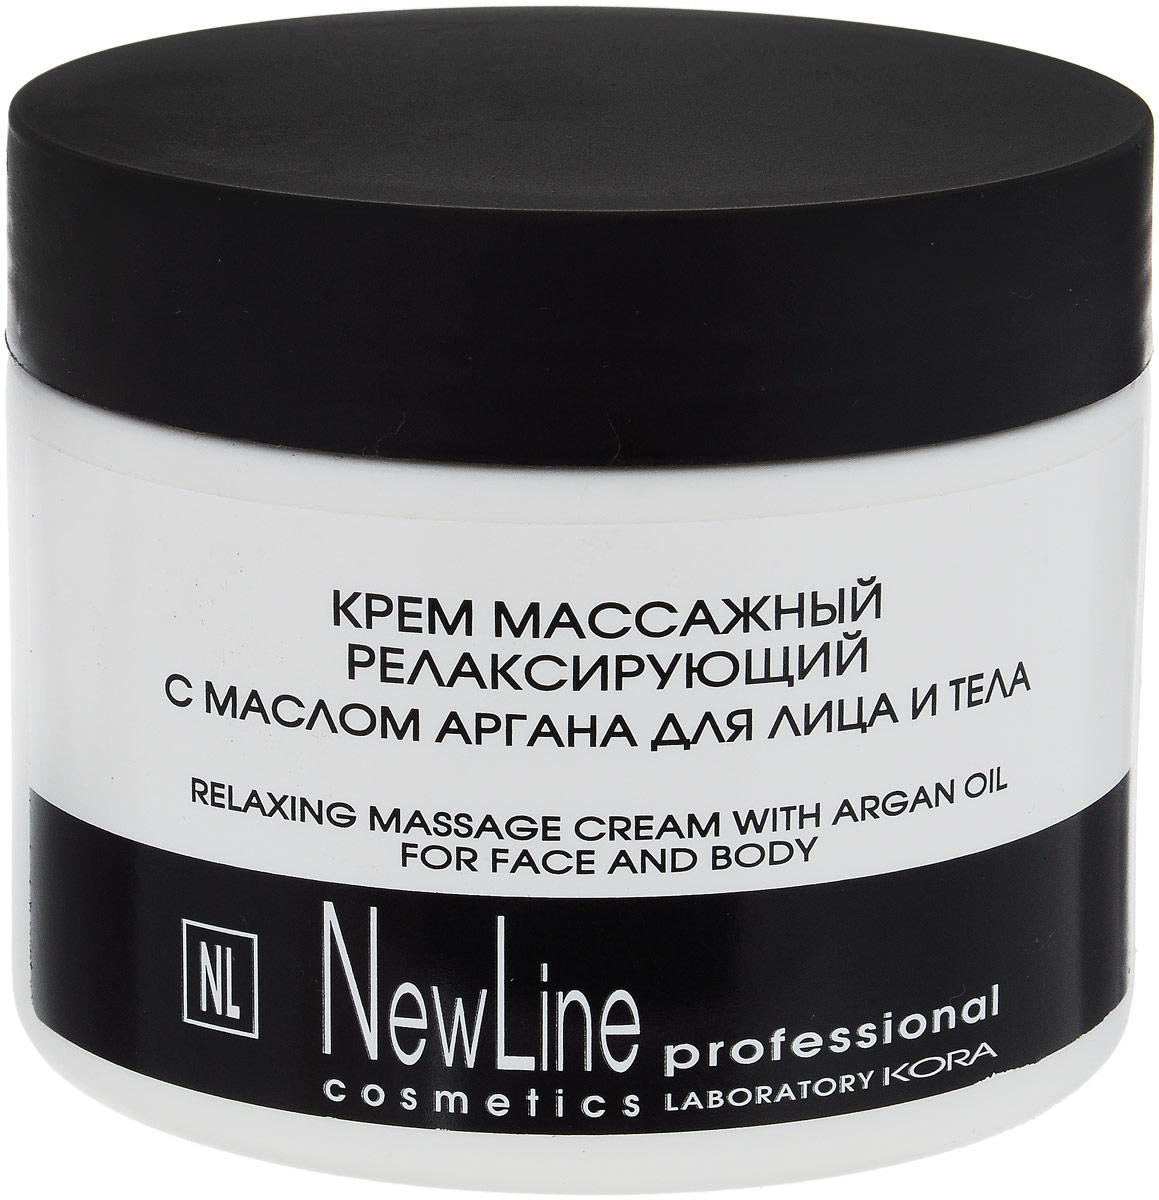 New Line Крем массажный релаксирующий с маслом аргана, 300 млGRA0086Крем массажный релаксирующий оказывает успокаивающее и увлажняющее действия на кожу, делая её более гладкой, мягкой и эластичной. Питает и смягчает кожу, не закупоривает поры, обладает выраженными скользящими свойствами, что обеспечивает прекрасный массаж.